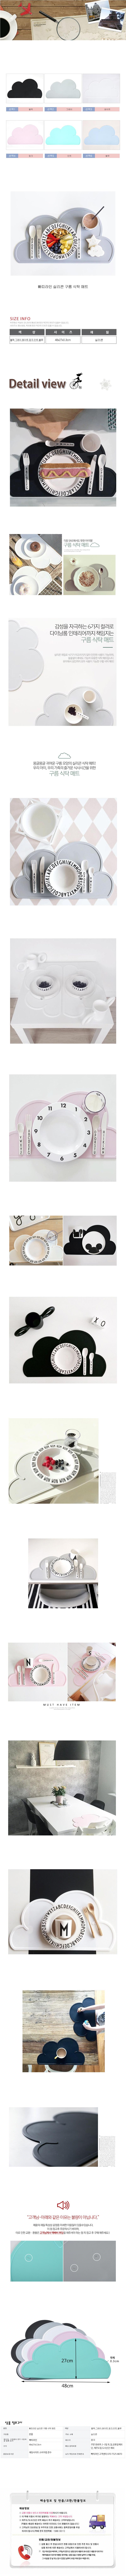 빠띠라인 실리콘 구름 식탁 매트 - 빠띠빠띠, 3,300원, 주방소품, 주방 소모품